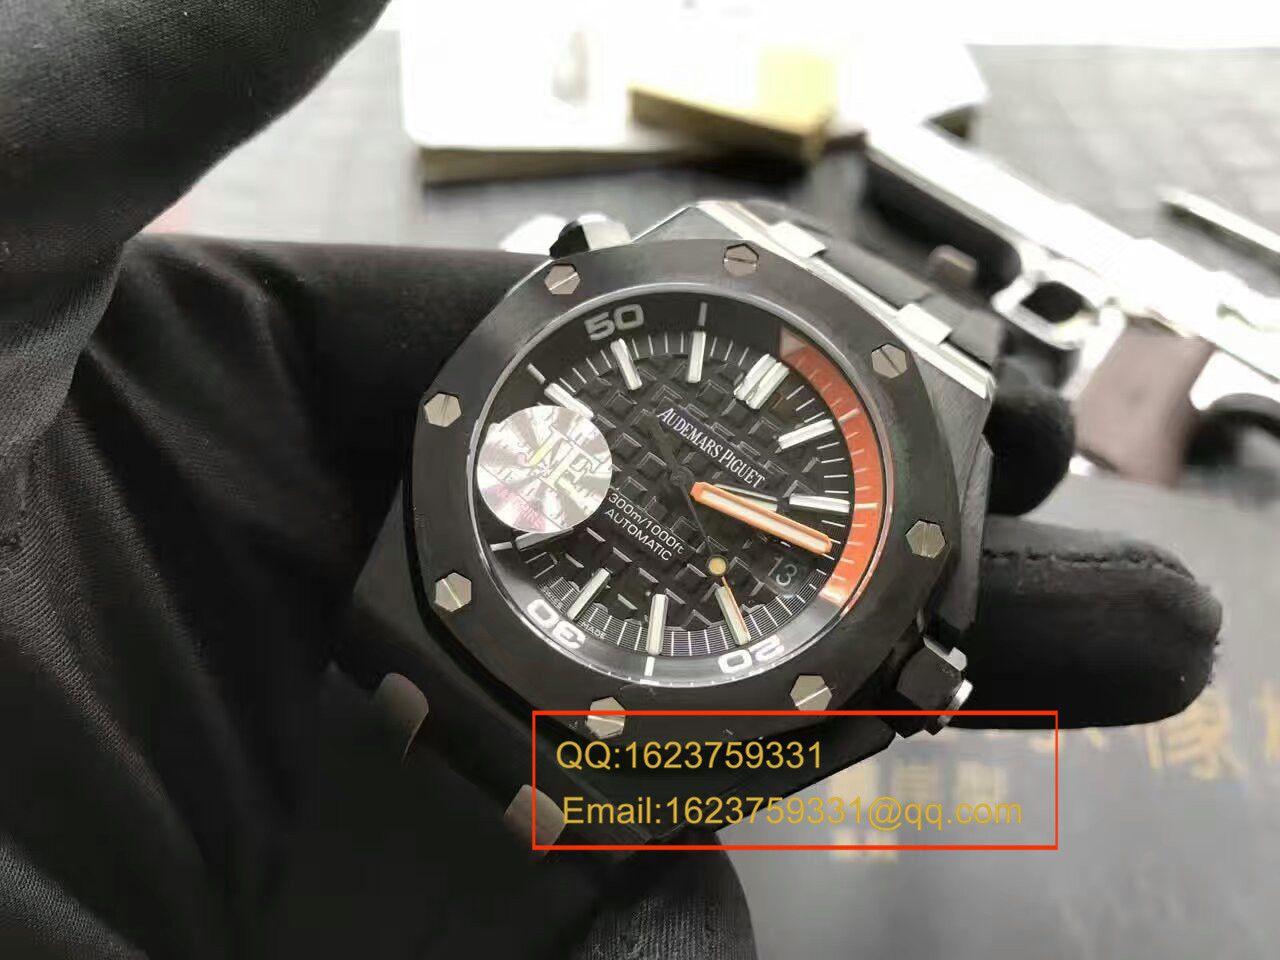 视频评测Audemars Piguet爱彼皇家橡树离岸型系列15707CE.OO.A002CA.01腕表【JF厂一比一超A高仿】